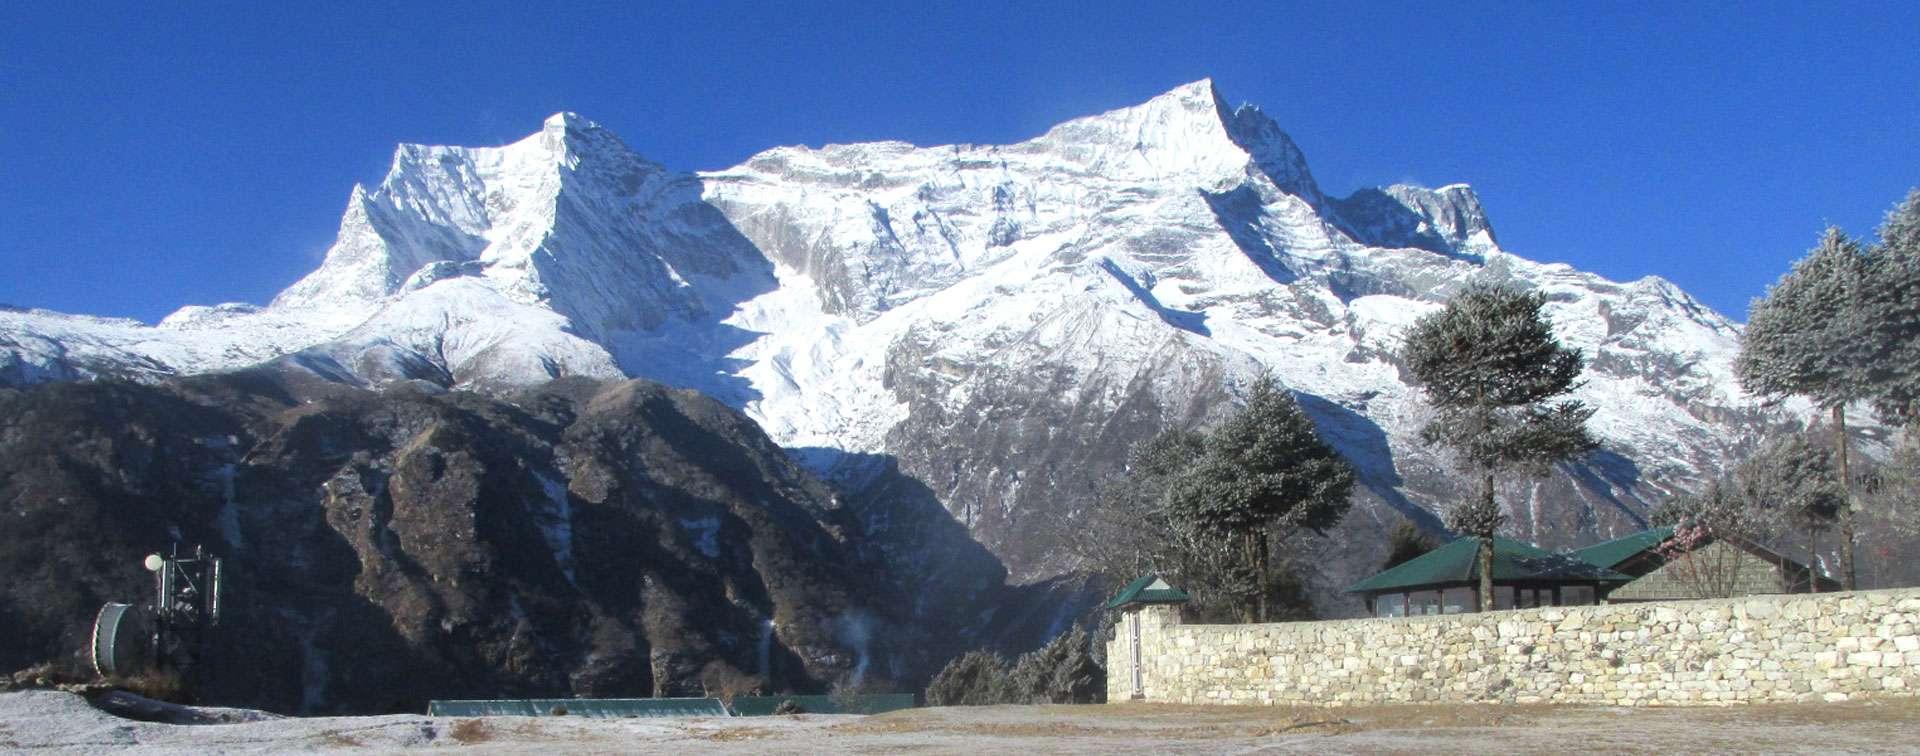 Everest Family Trekking